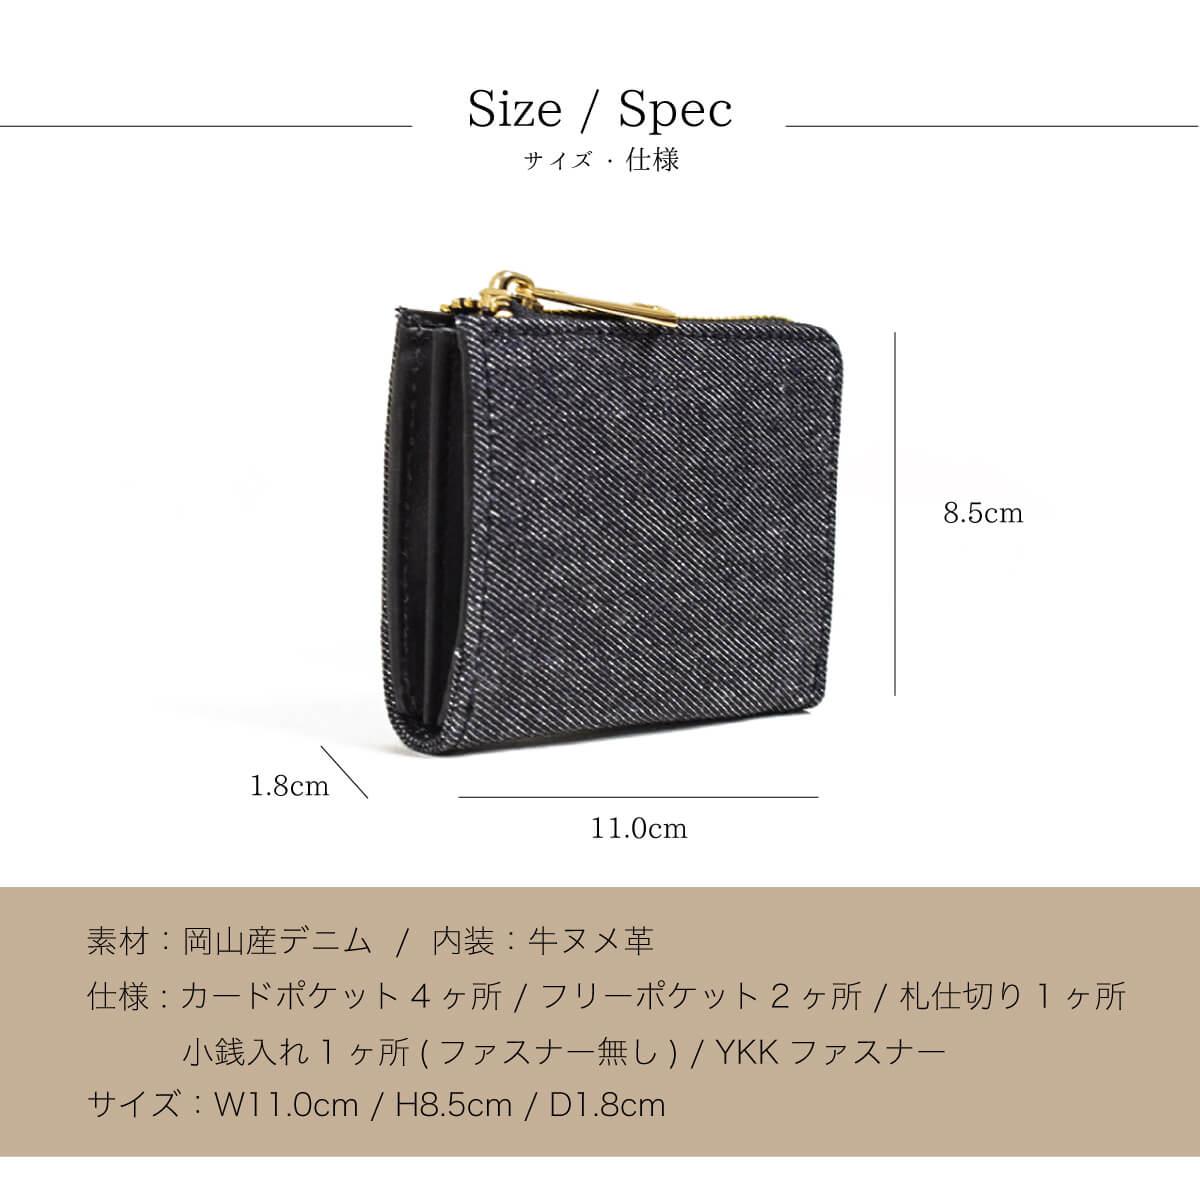 岡山デニム 牛ヌメ革 L字ショートウォレット 児島デニム【REAR】